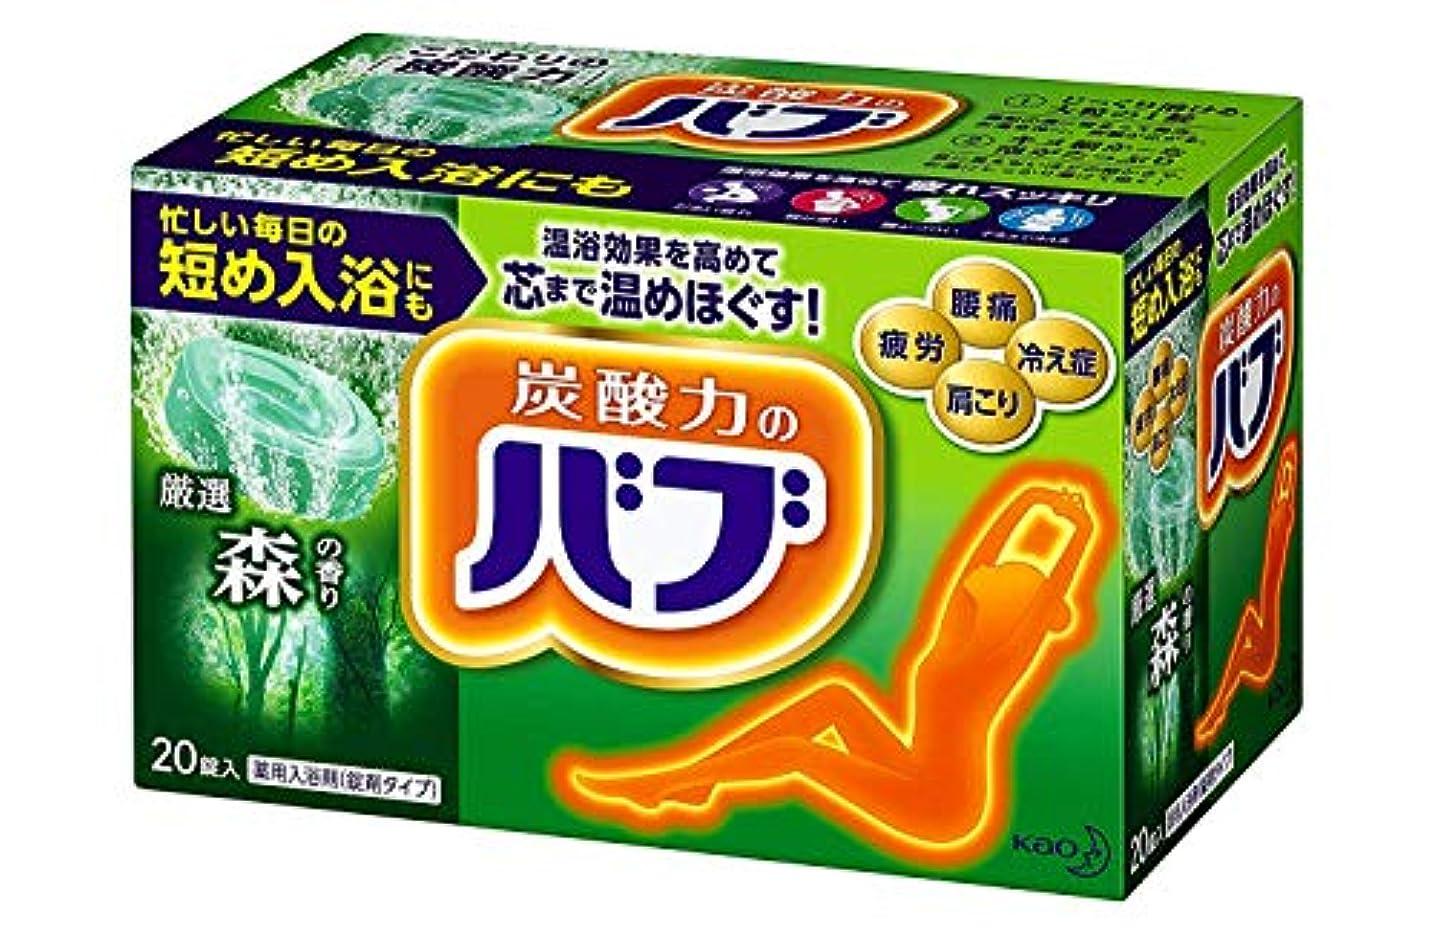 構造的崖旧正月【花王】バブ 森の香り (20錠入) ×10個セット